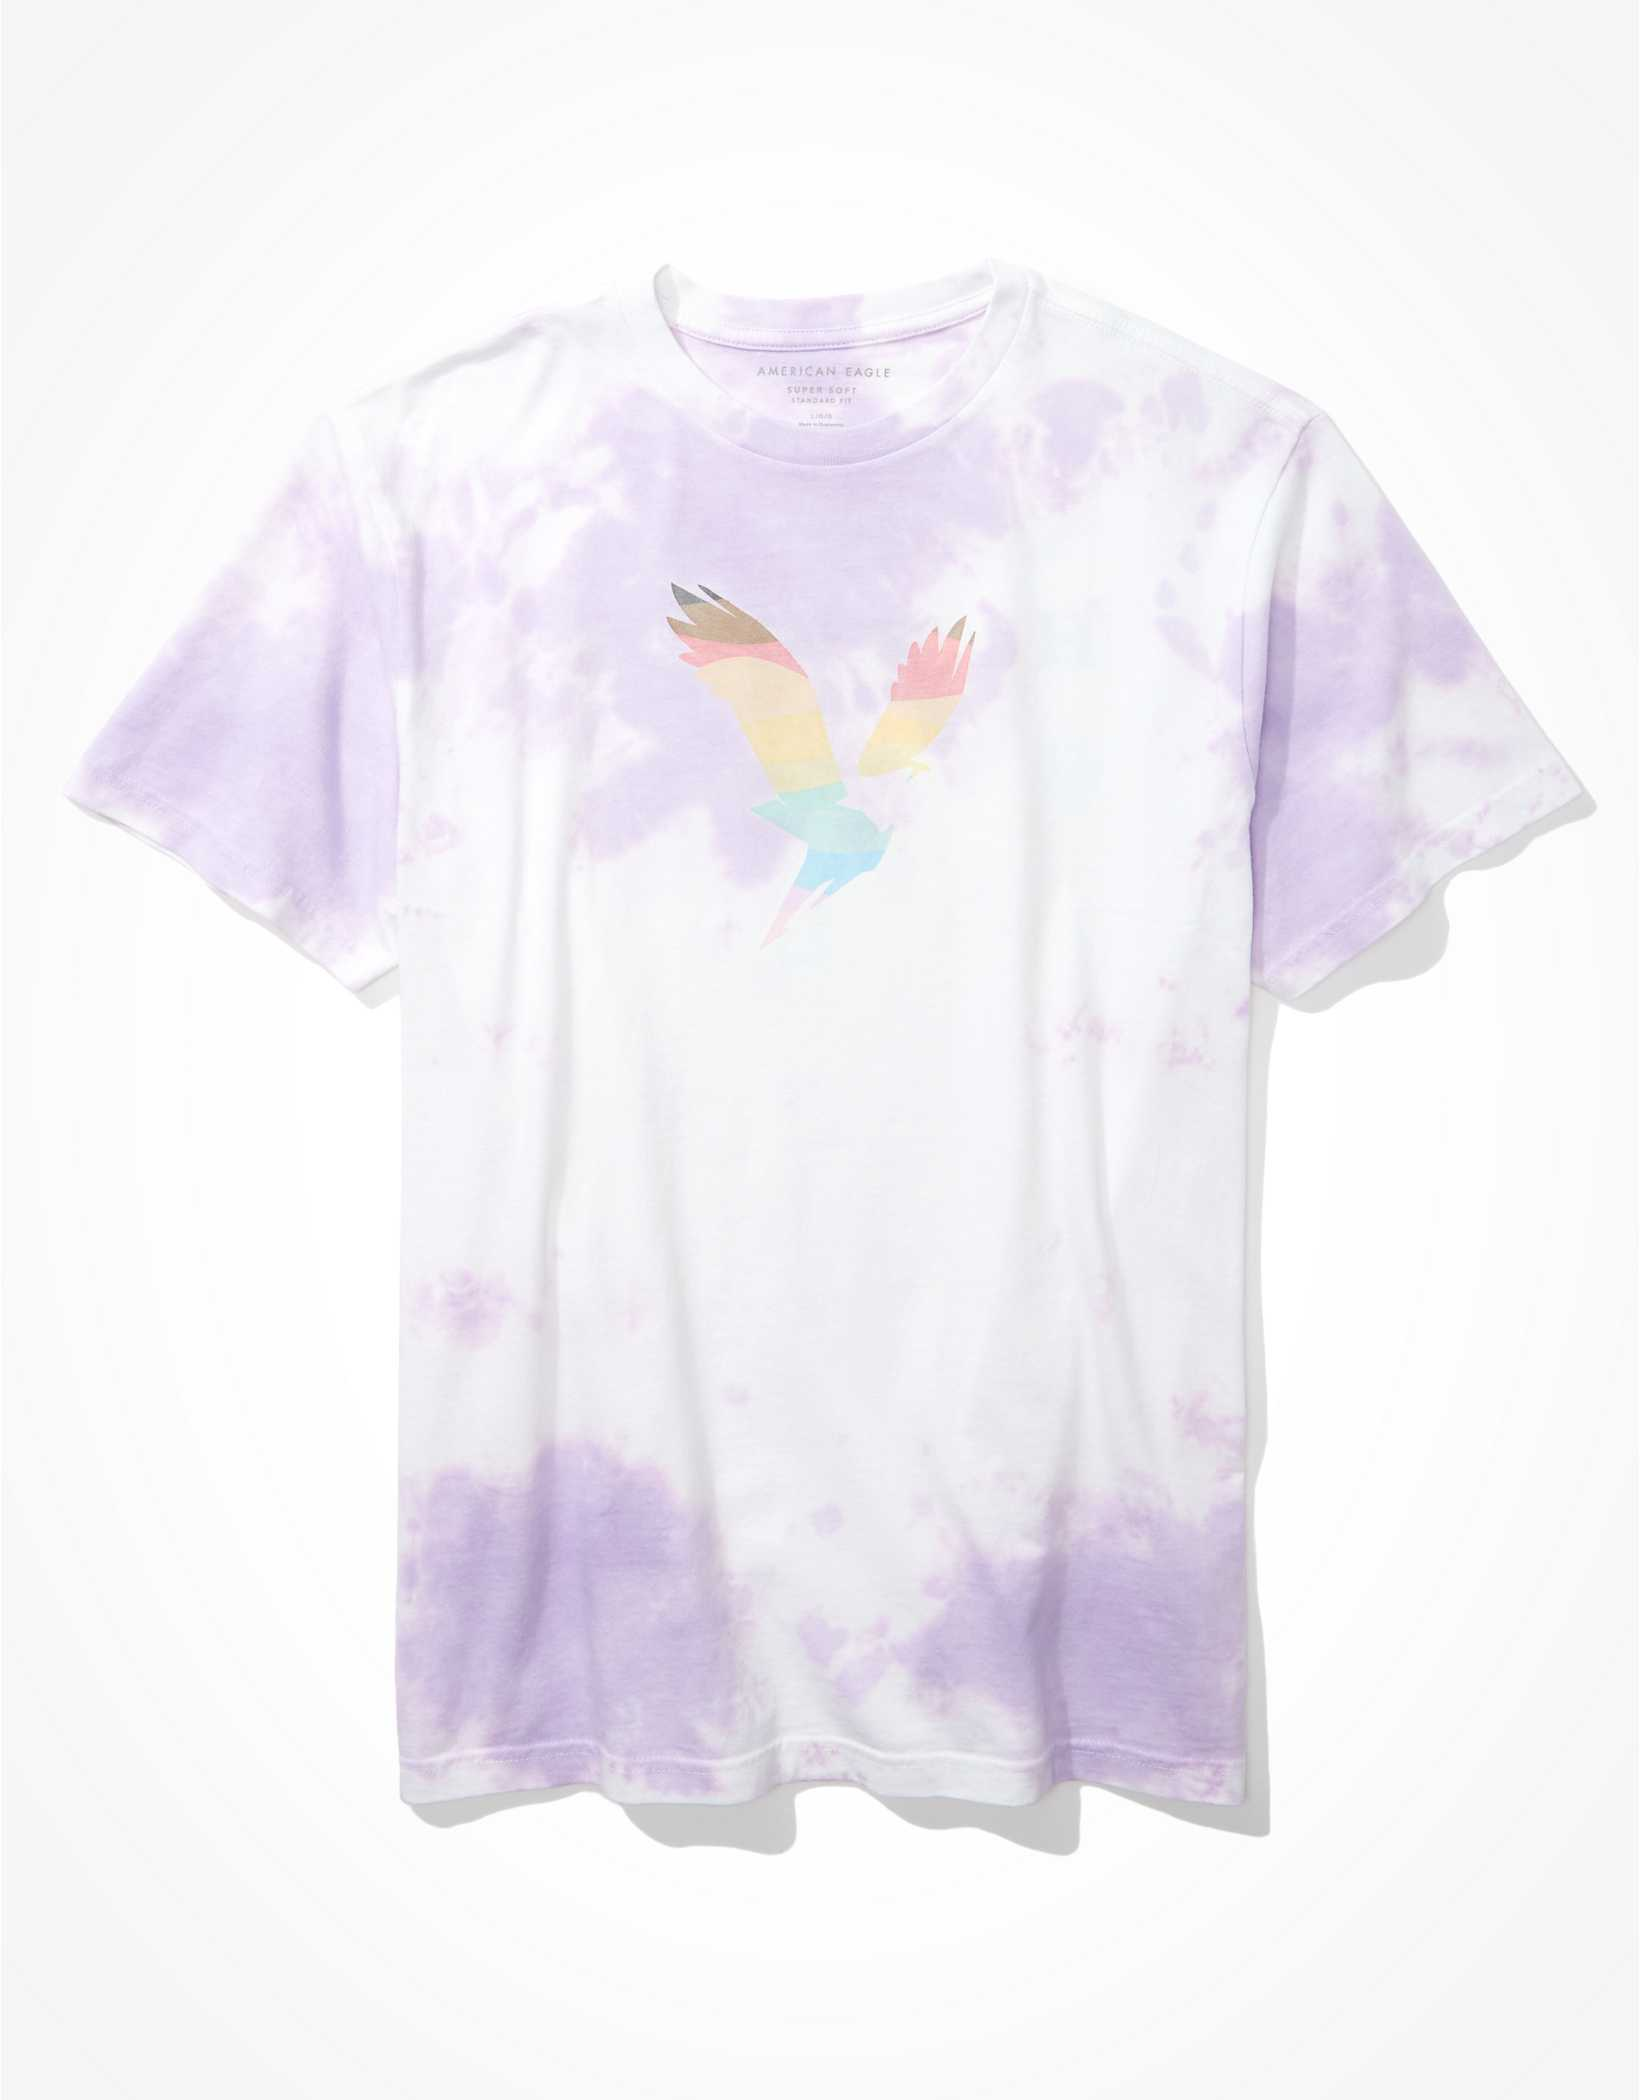 AE Tie-Dye Pride Graphic T-Shirt